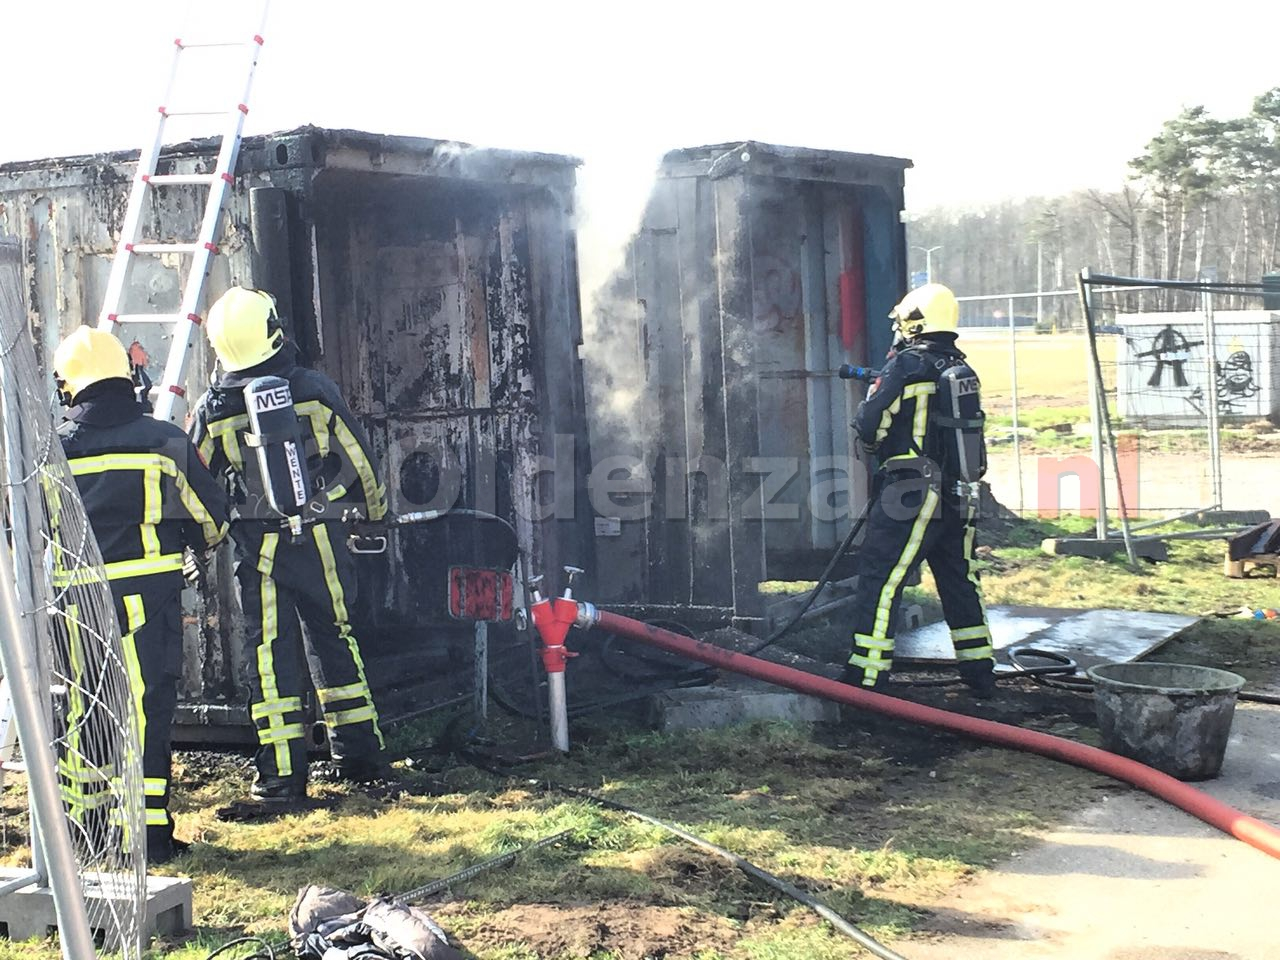 Video: Brandweer rukt uit voor brand in containers Jufferbeek Oldenzaal